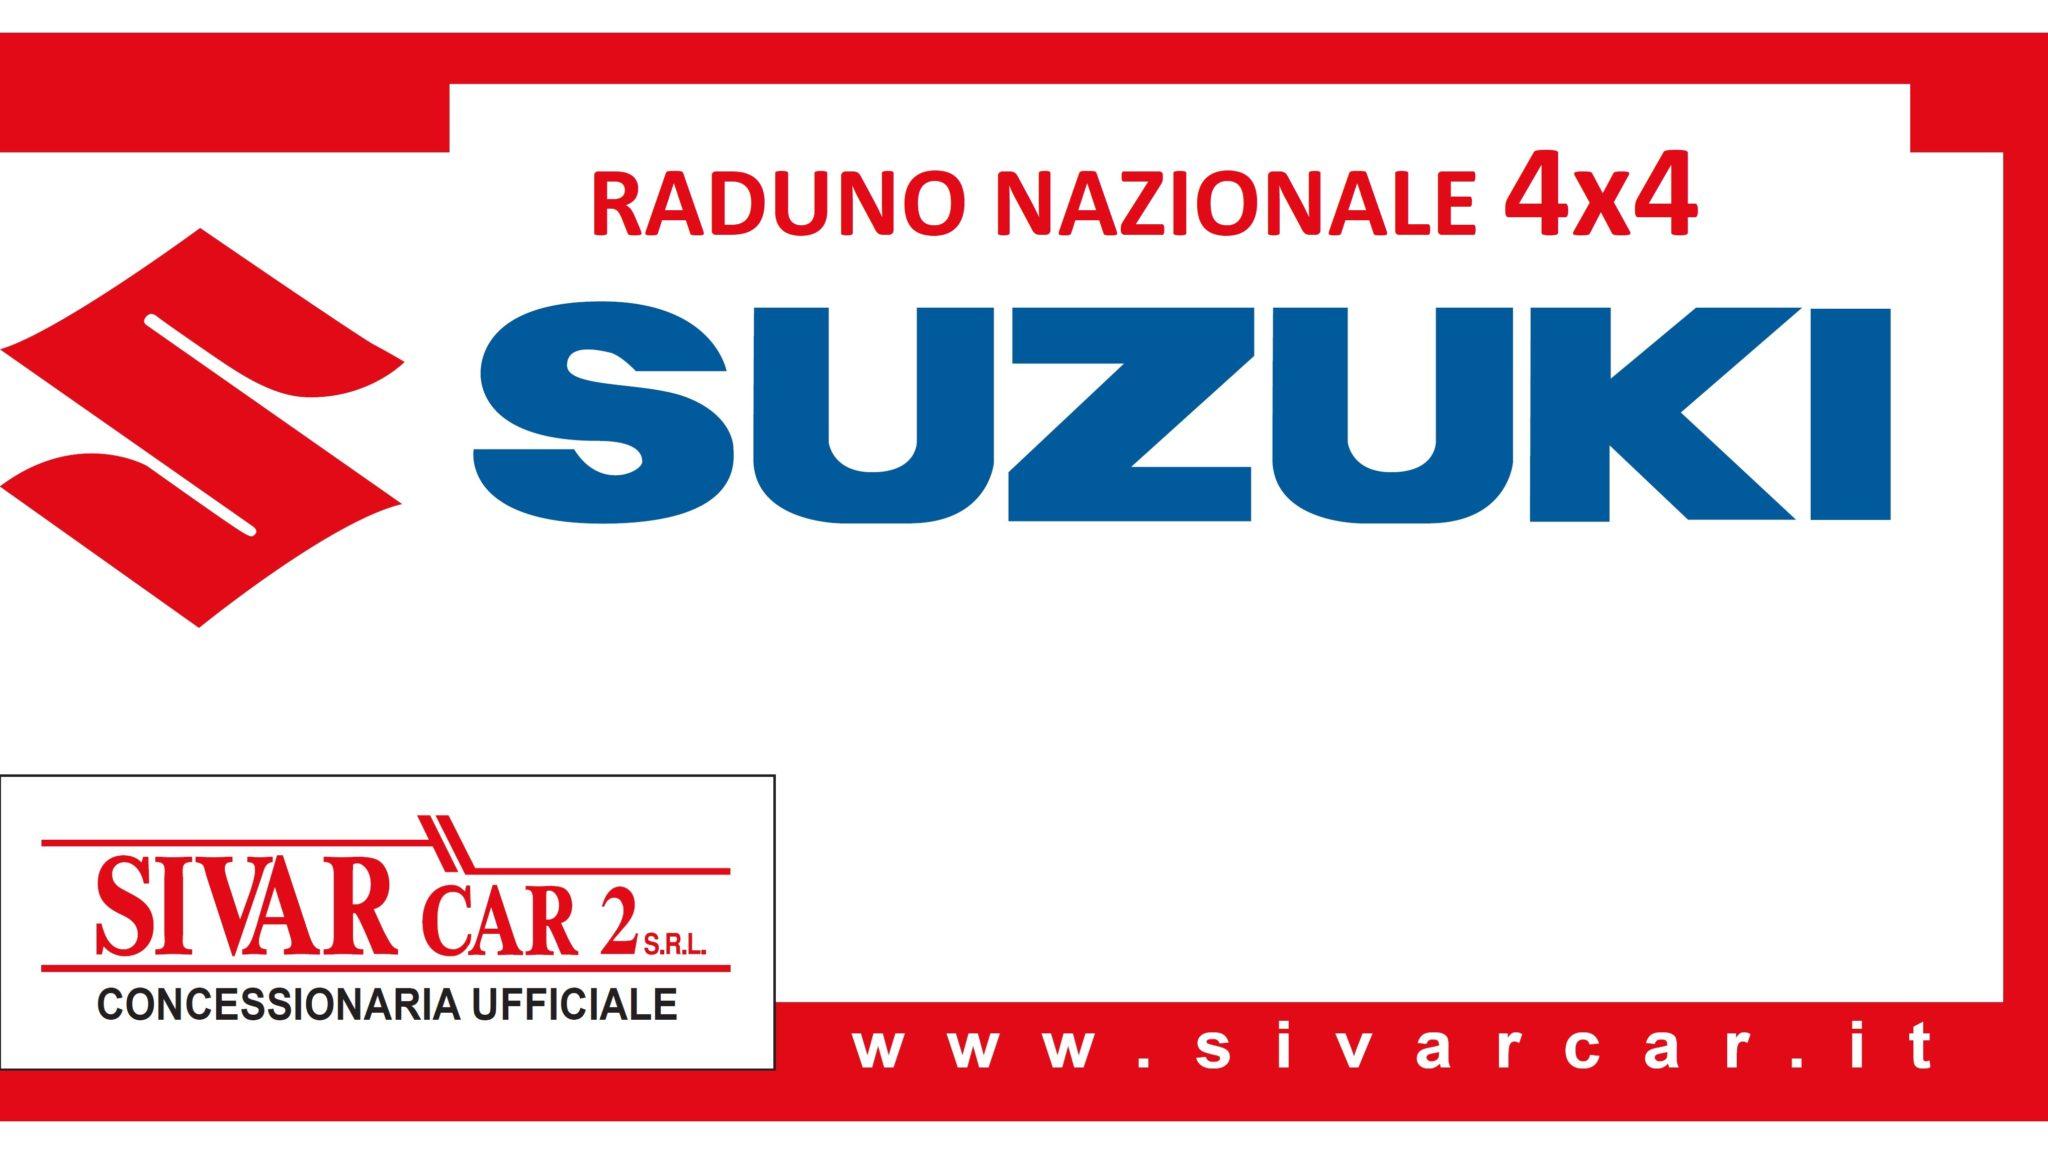 SUZUKI raduno banner